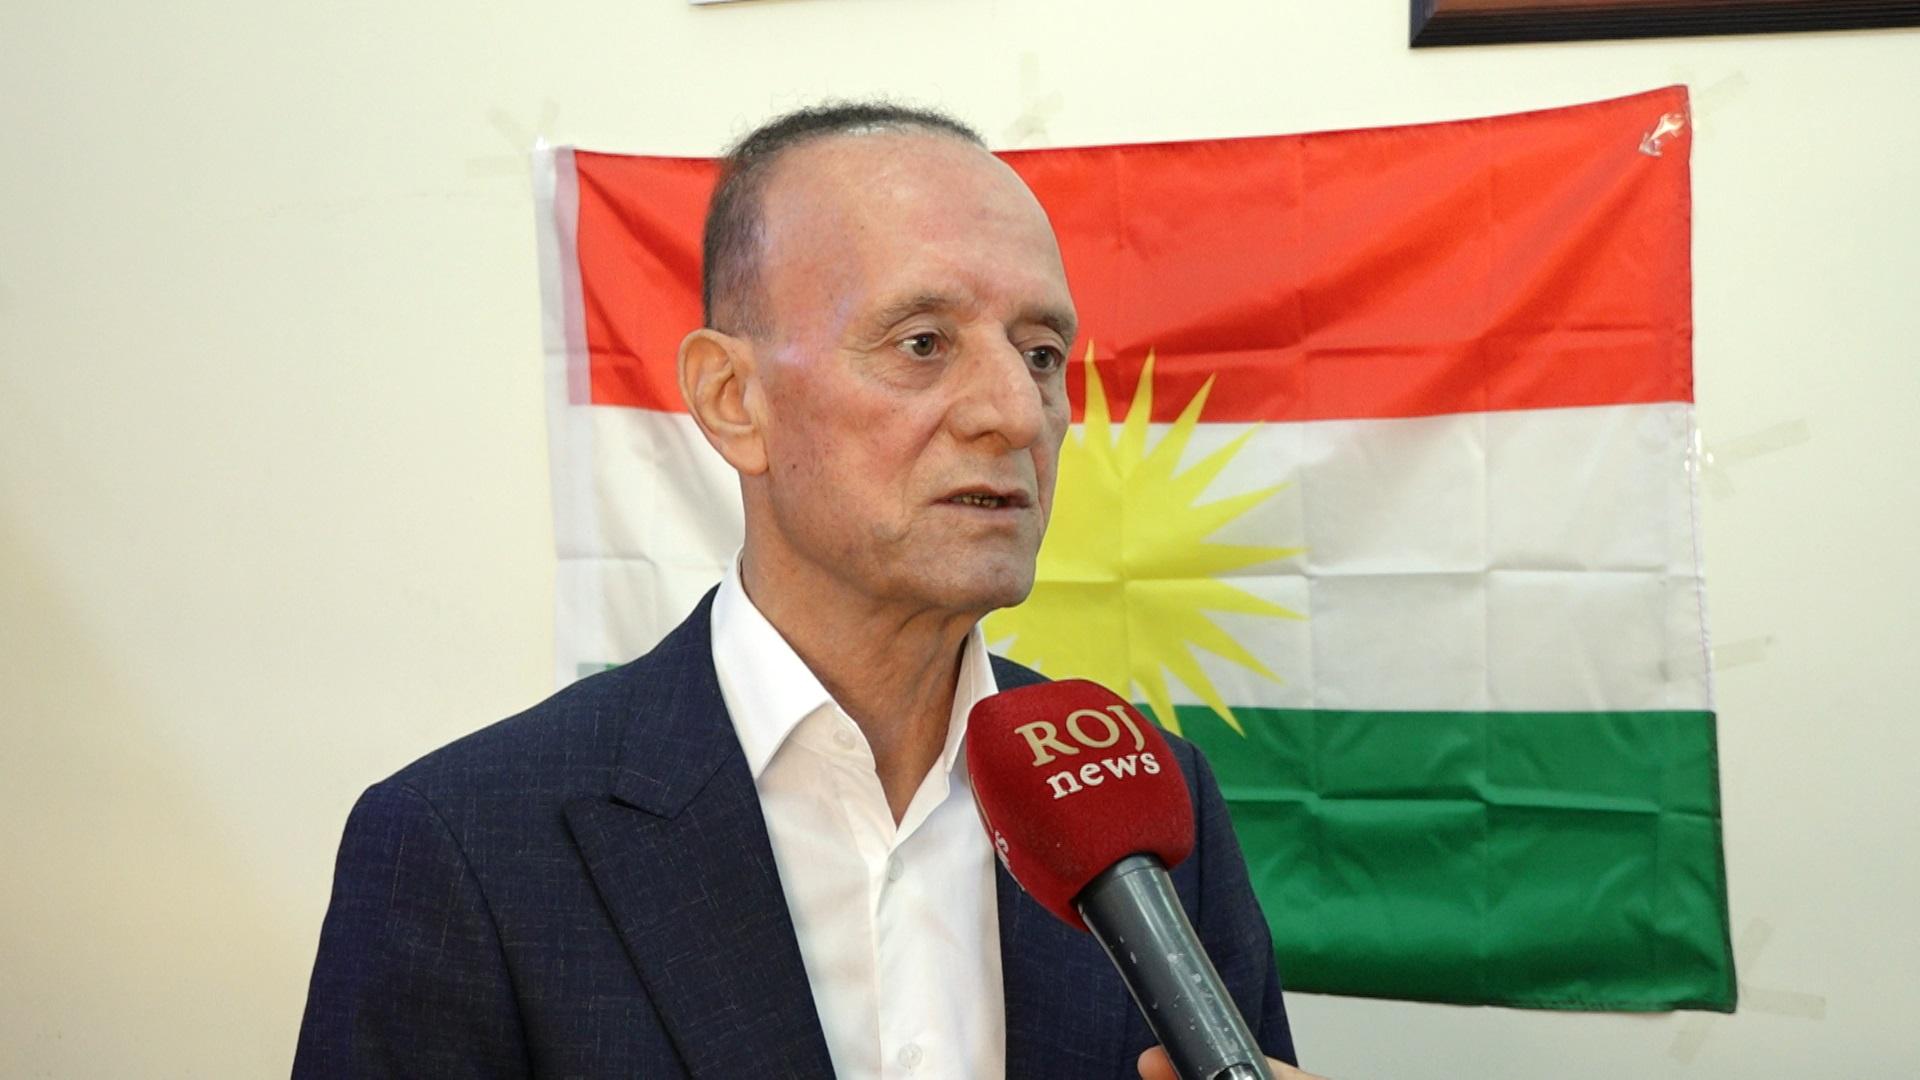 Roj News'in haberi çarpıttığı ortaya çıktı, fraksiyon başkanı tekzip istiyor Mihêdîn Hesen Kürdistan, Azadi fraksiyonu